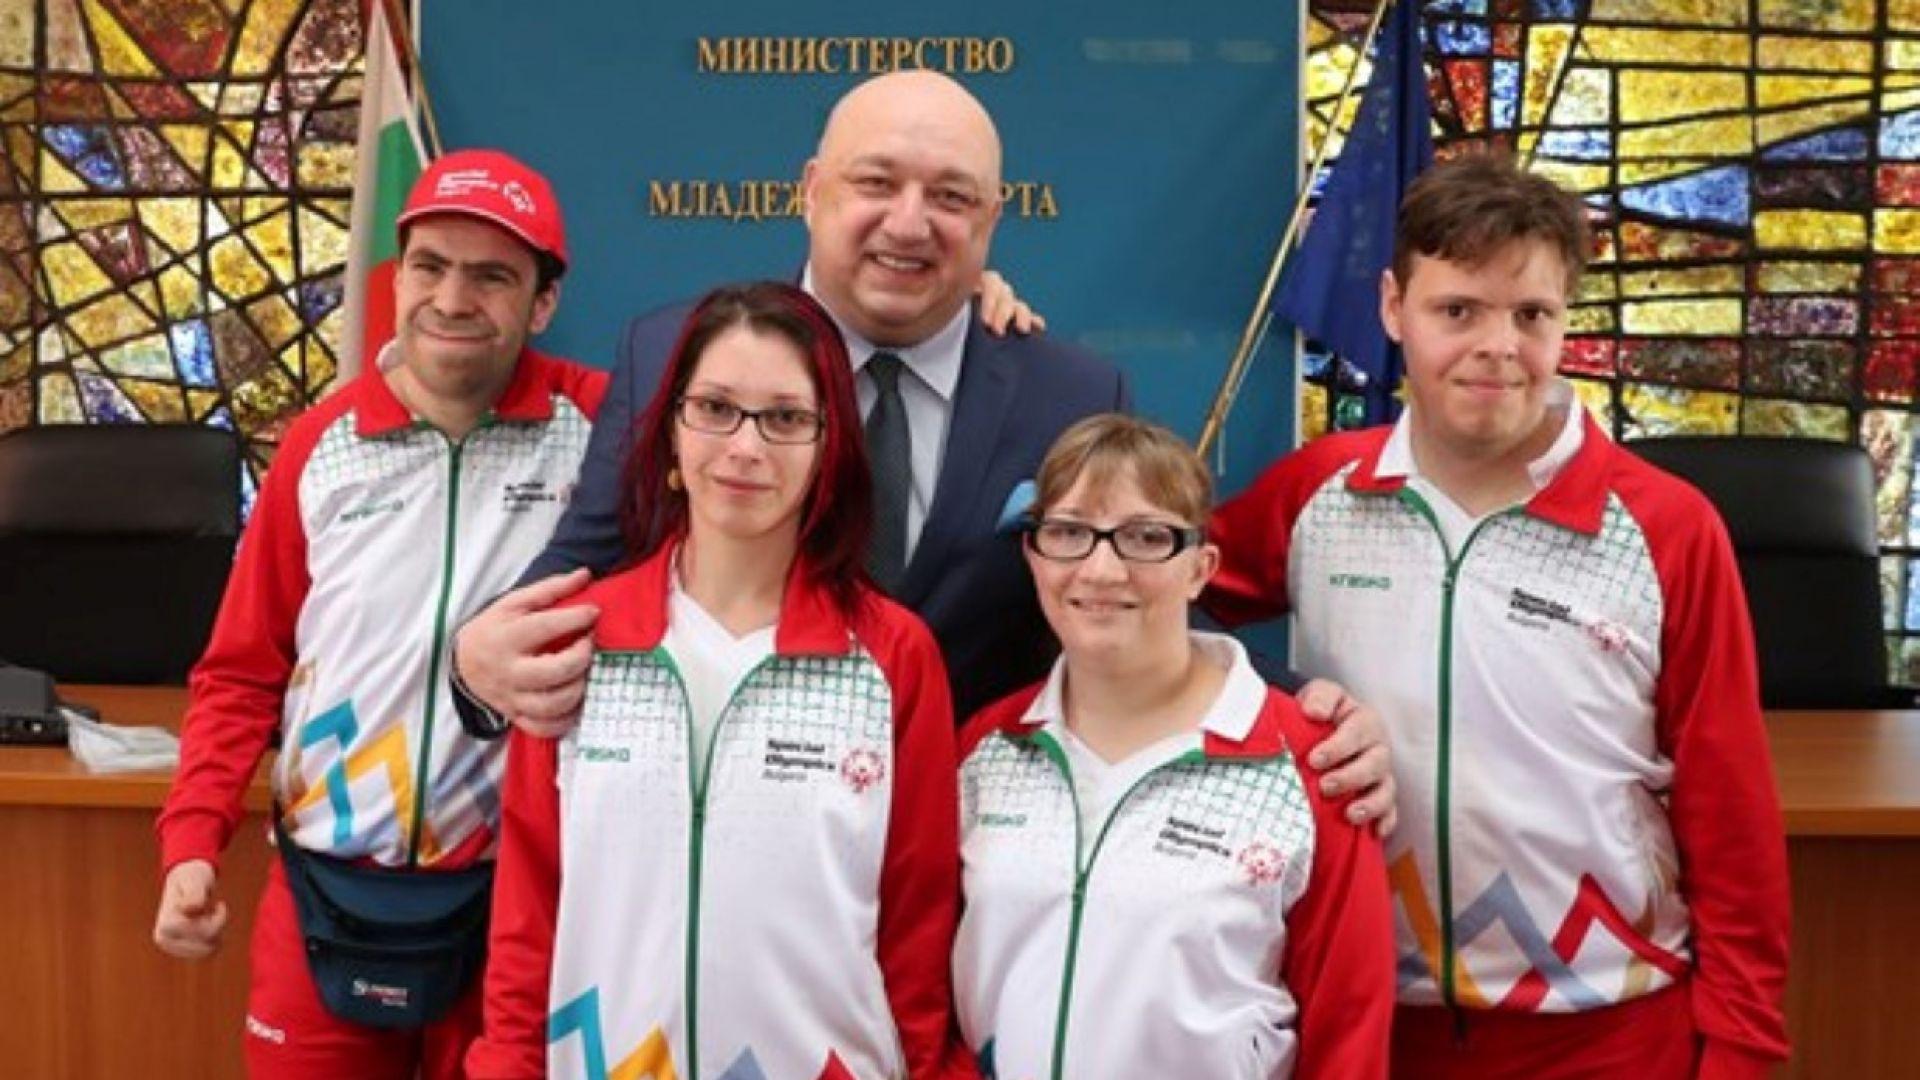 Спортният министър изпрати атлетите ни за Спешъл олимпикс